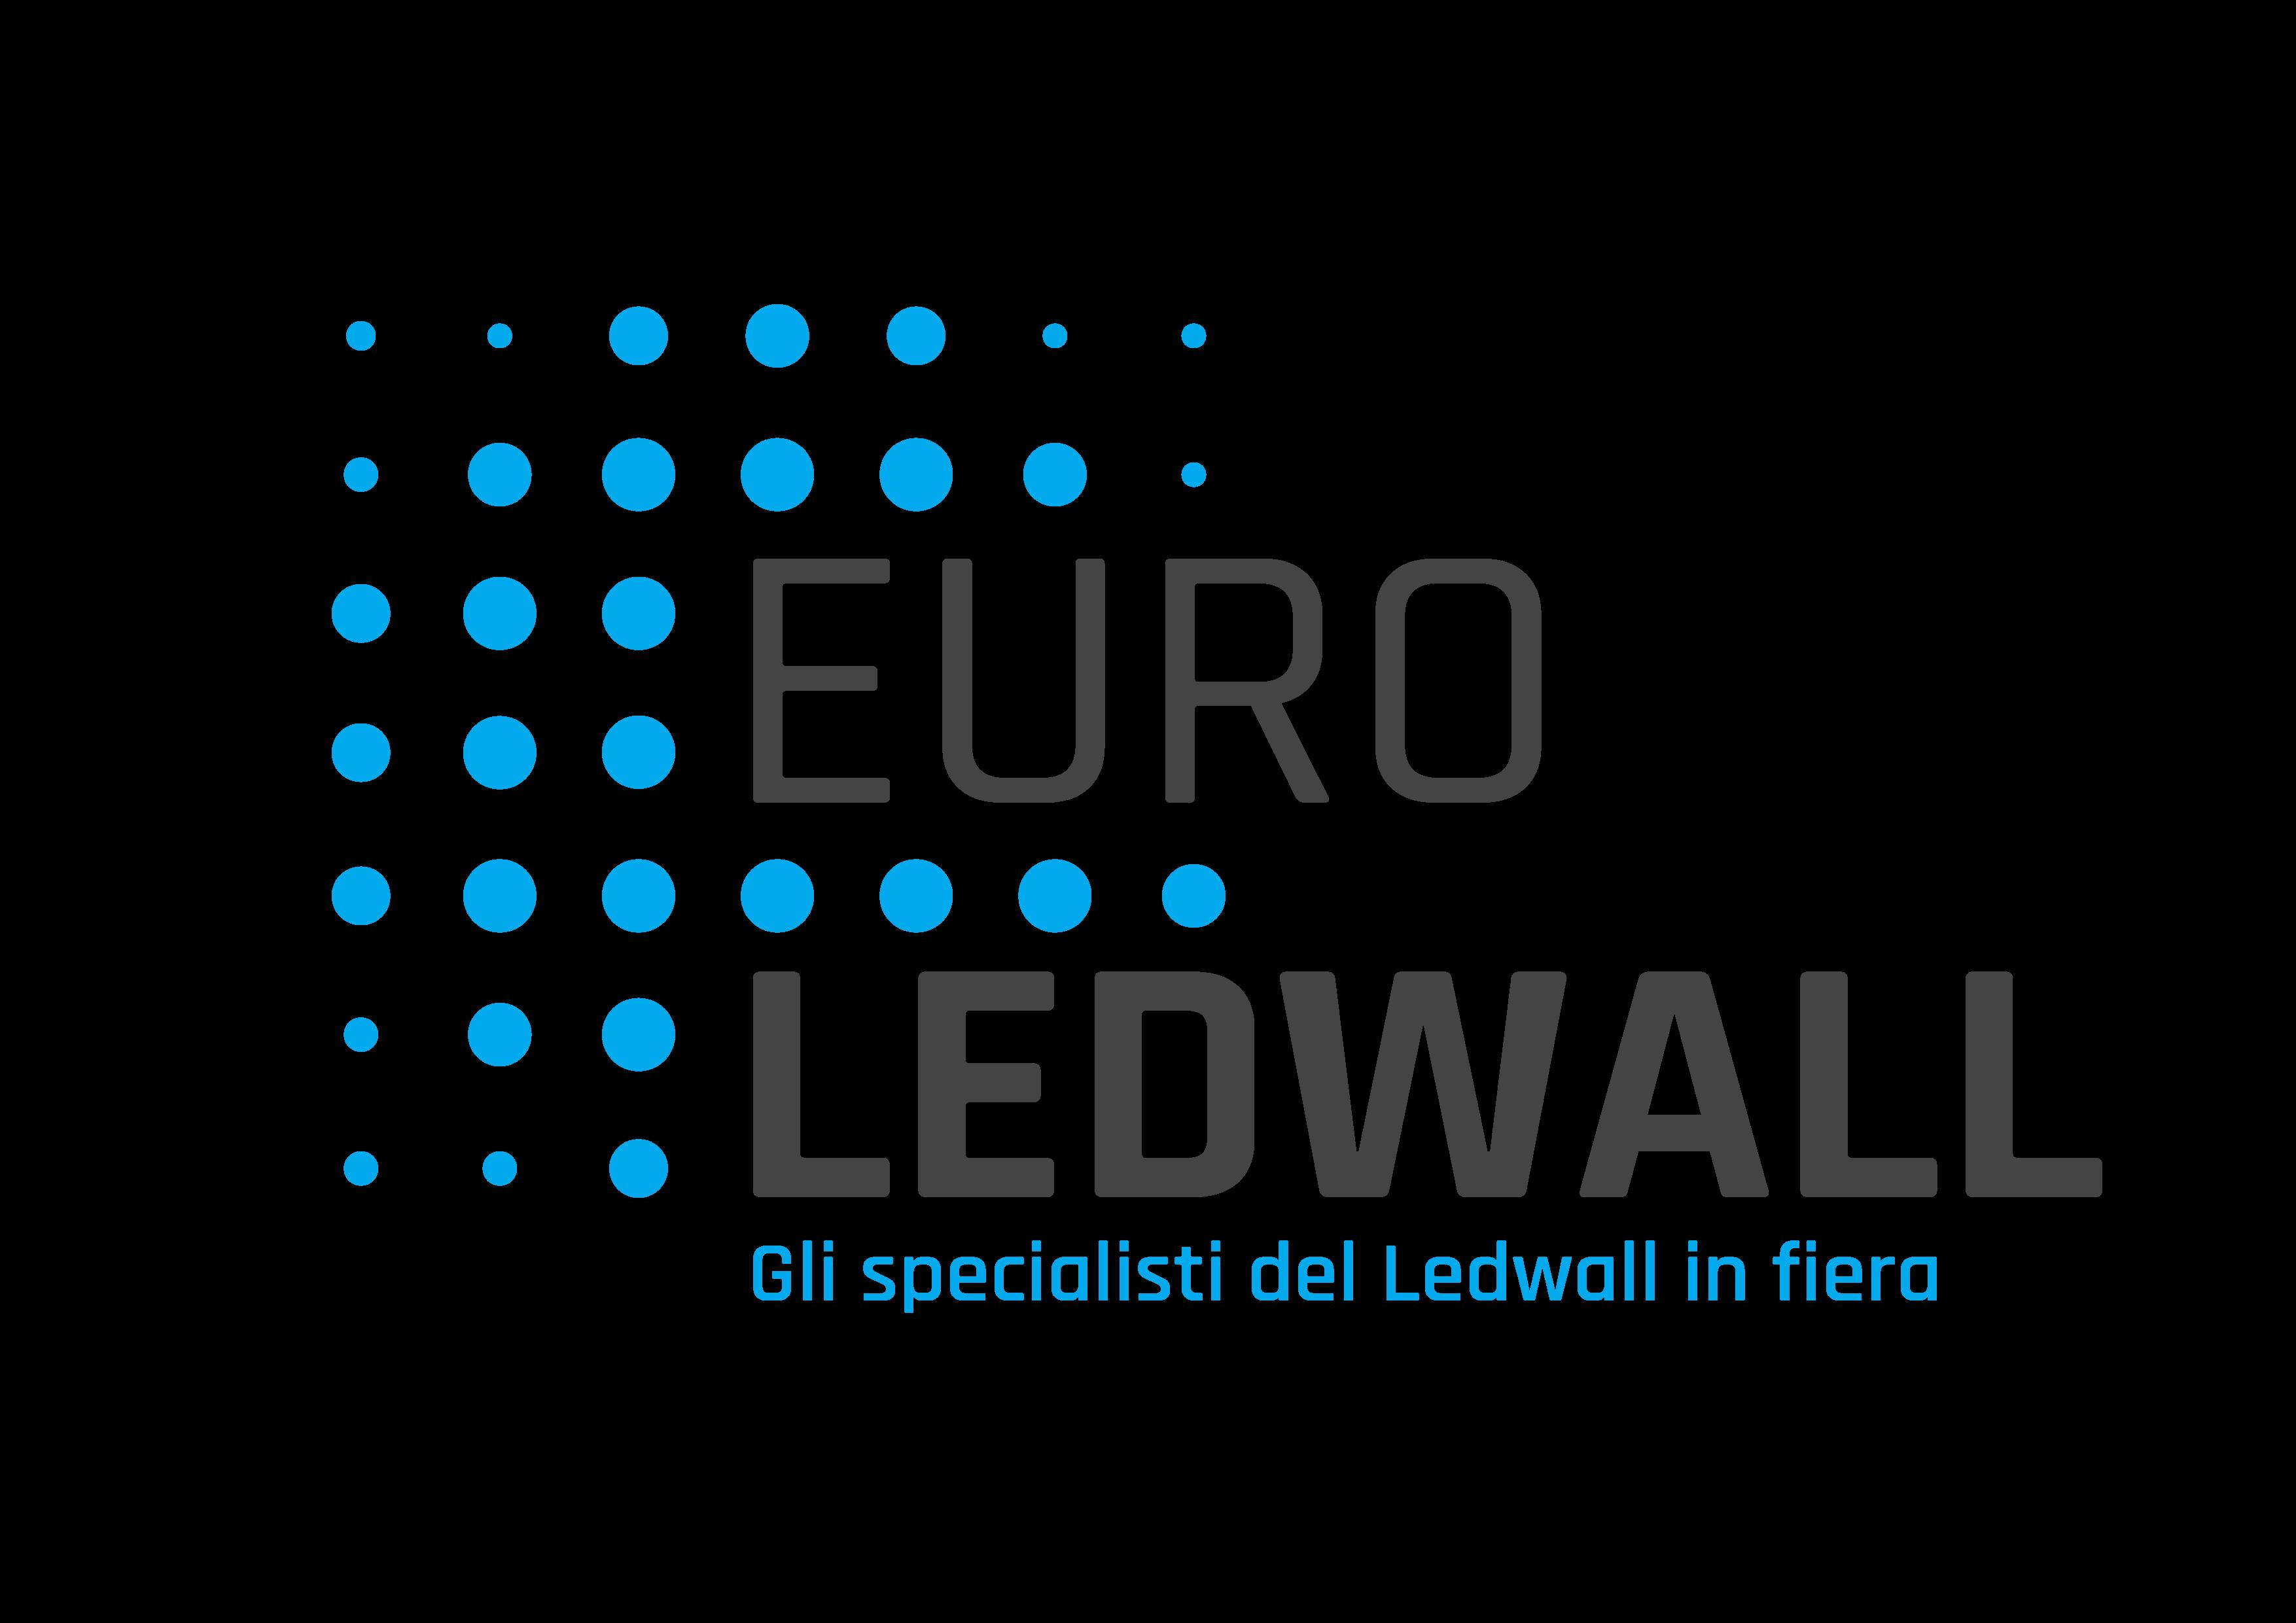 EuroLedwall